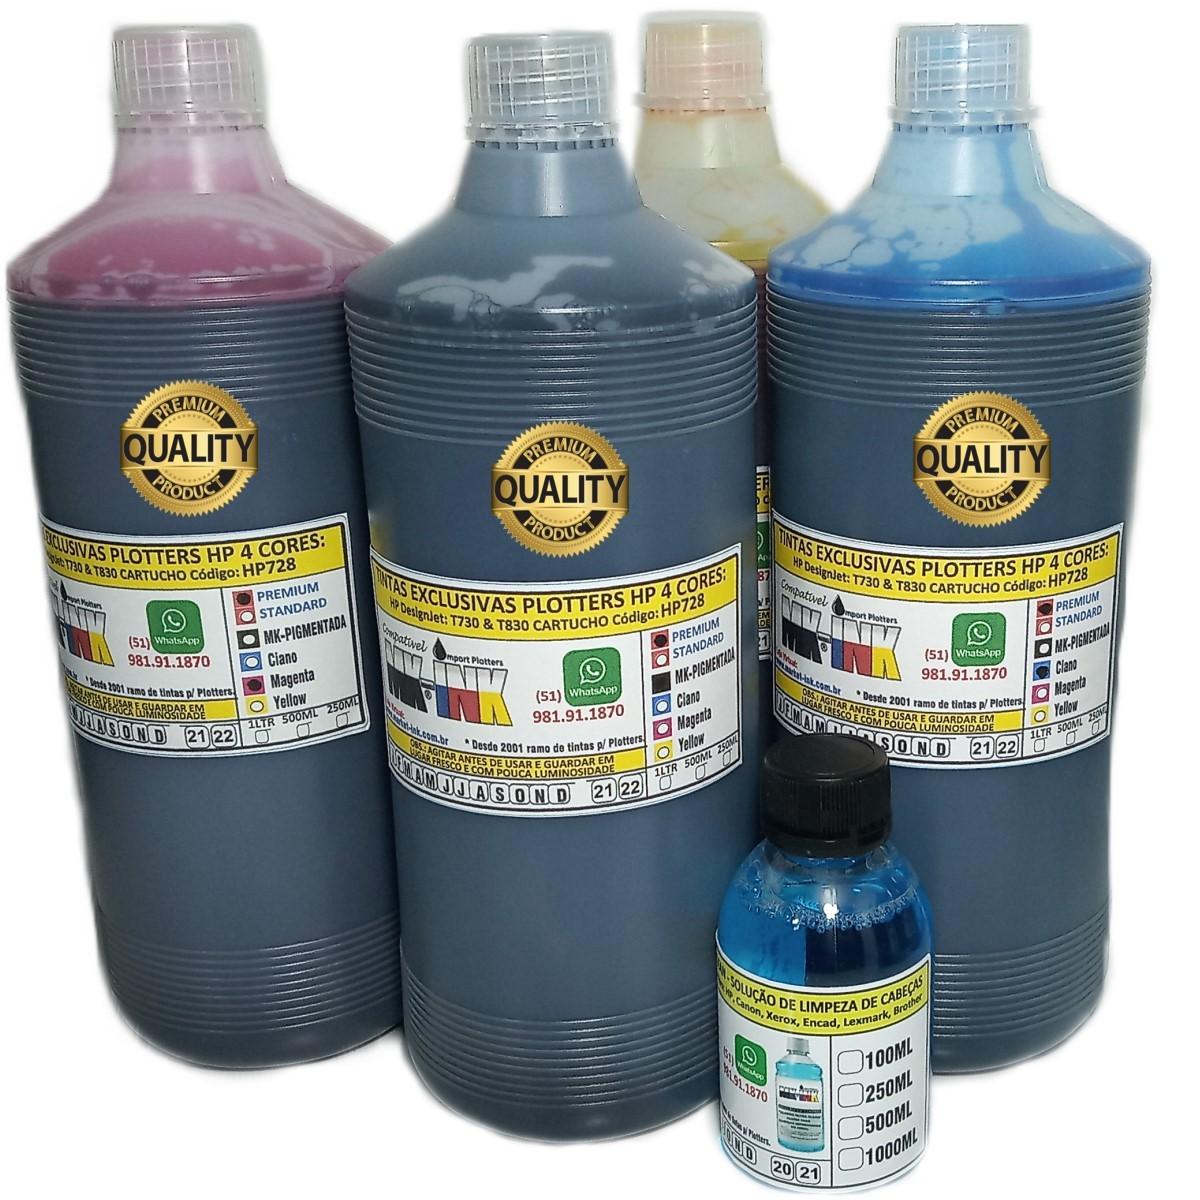 Jogo 4 litros Tinta  Premium exclusiva p/ Plotter T730, T830 dos cartuchos cód. HP728